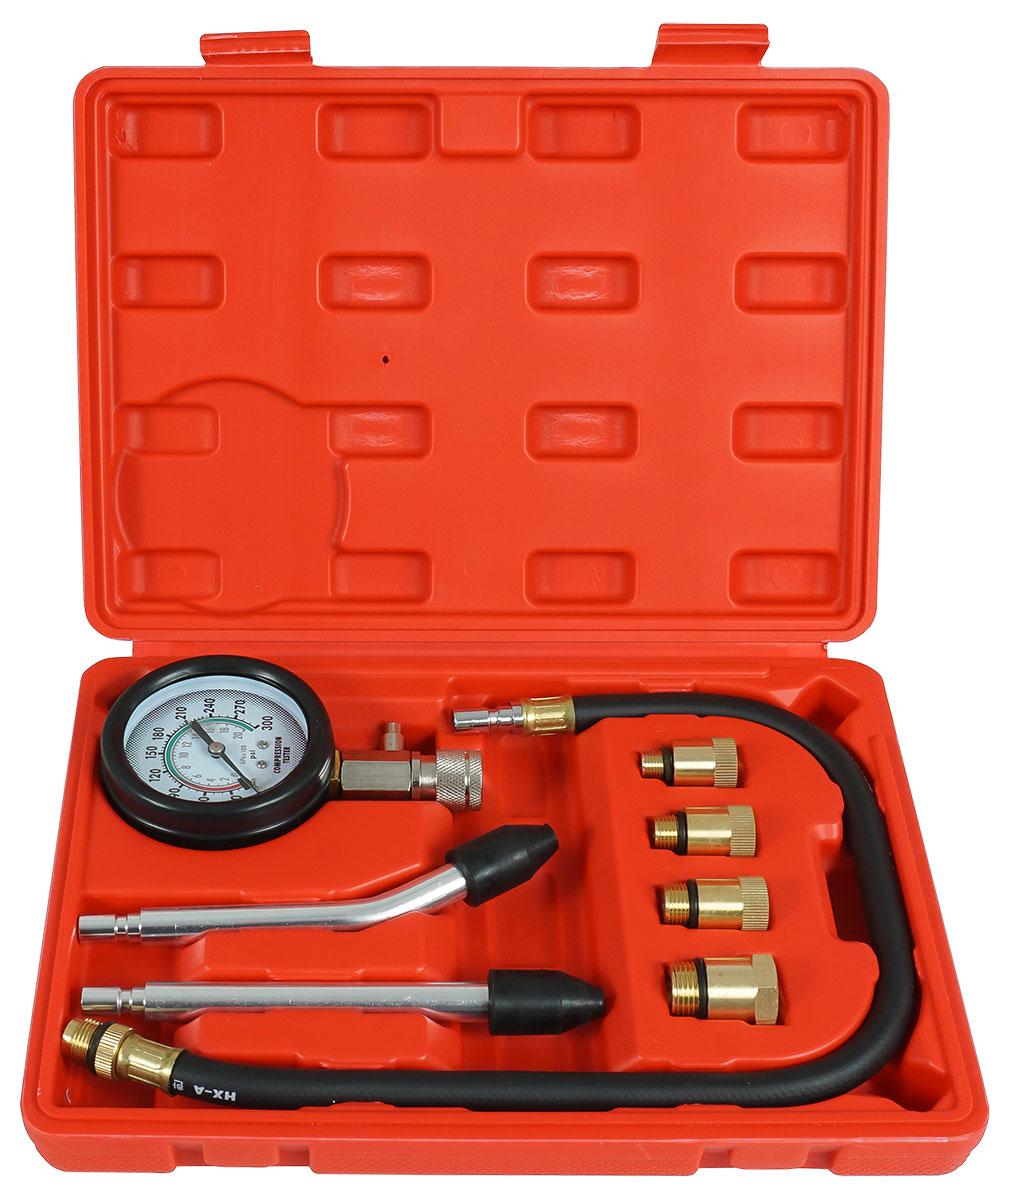 VERKE Kompresiometr, sada pro měření komprese benzinových motorů V86253 Nářadí 0.997Kg V86253